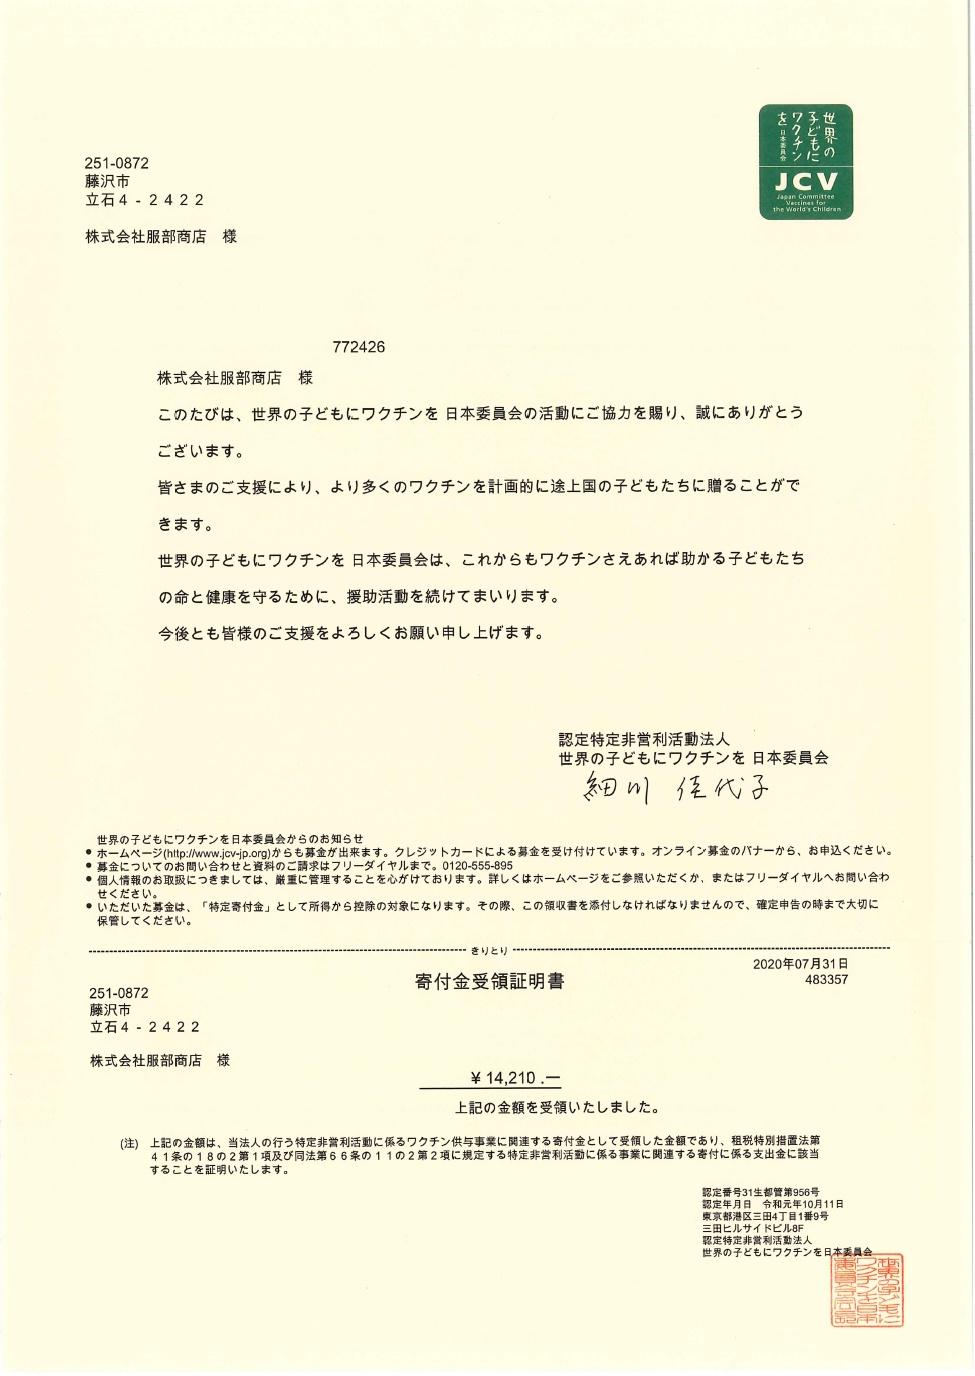 服部商店 ロコヨキャッププロジェクト 報告書 62